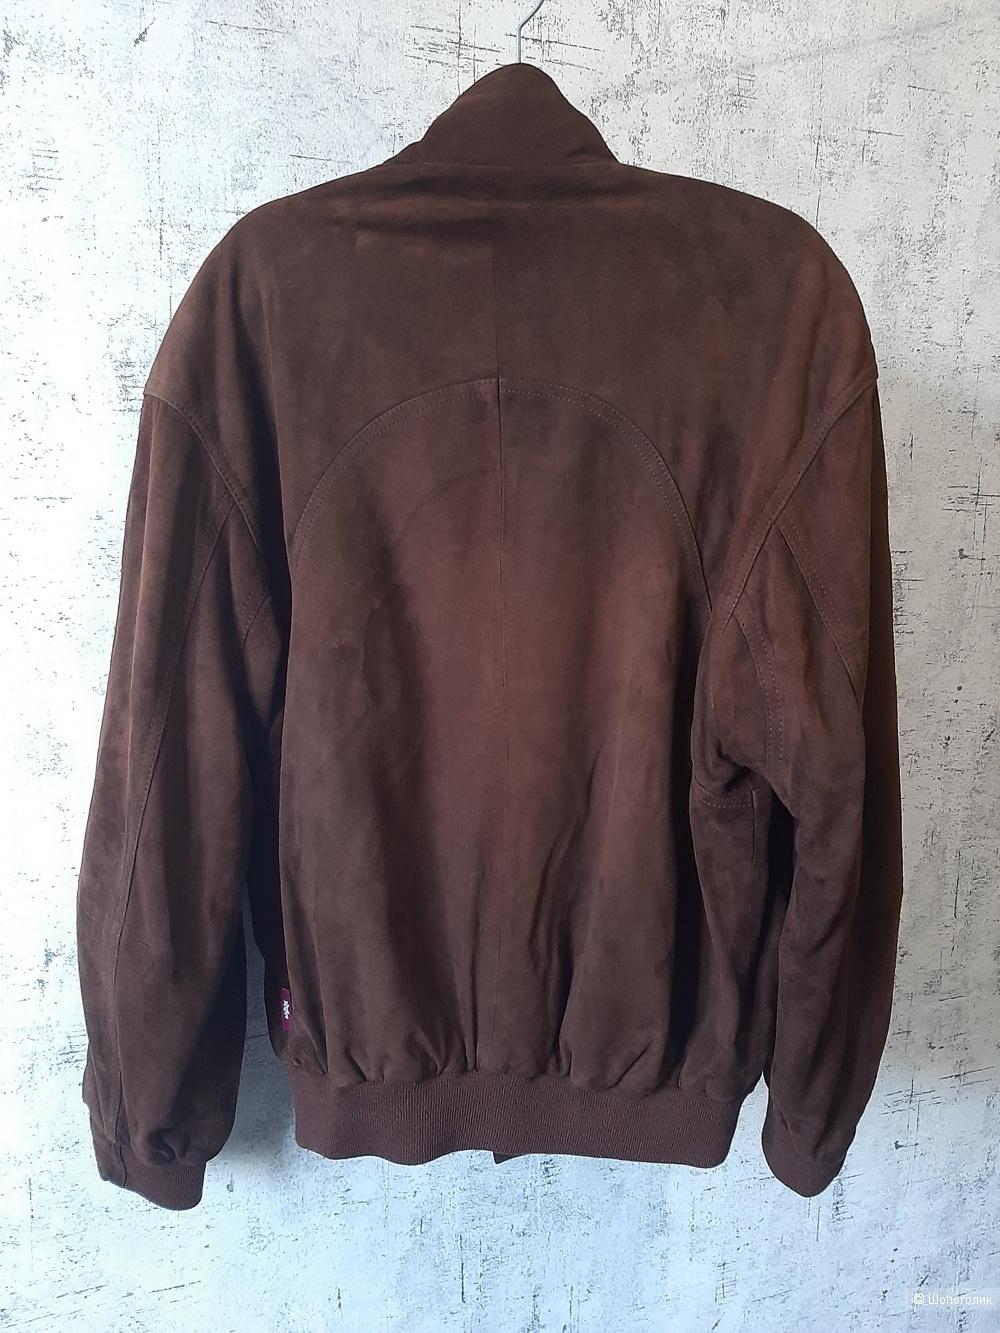 Куртка MAX premium products, размер 48